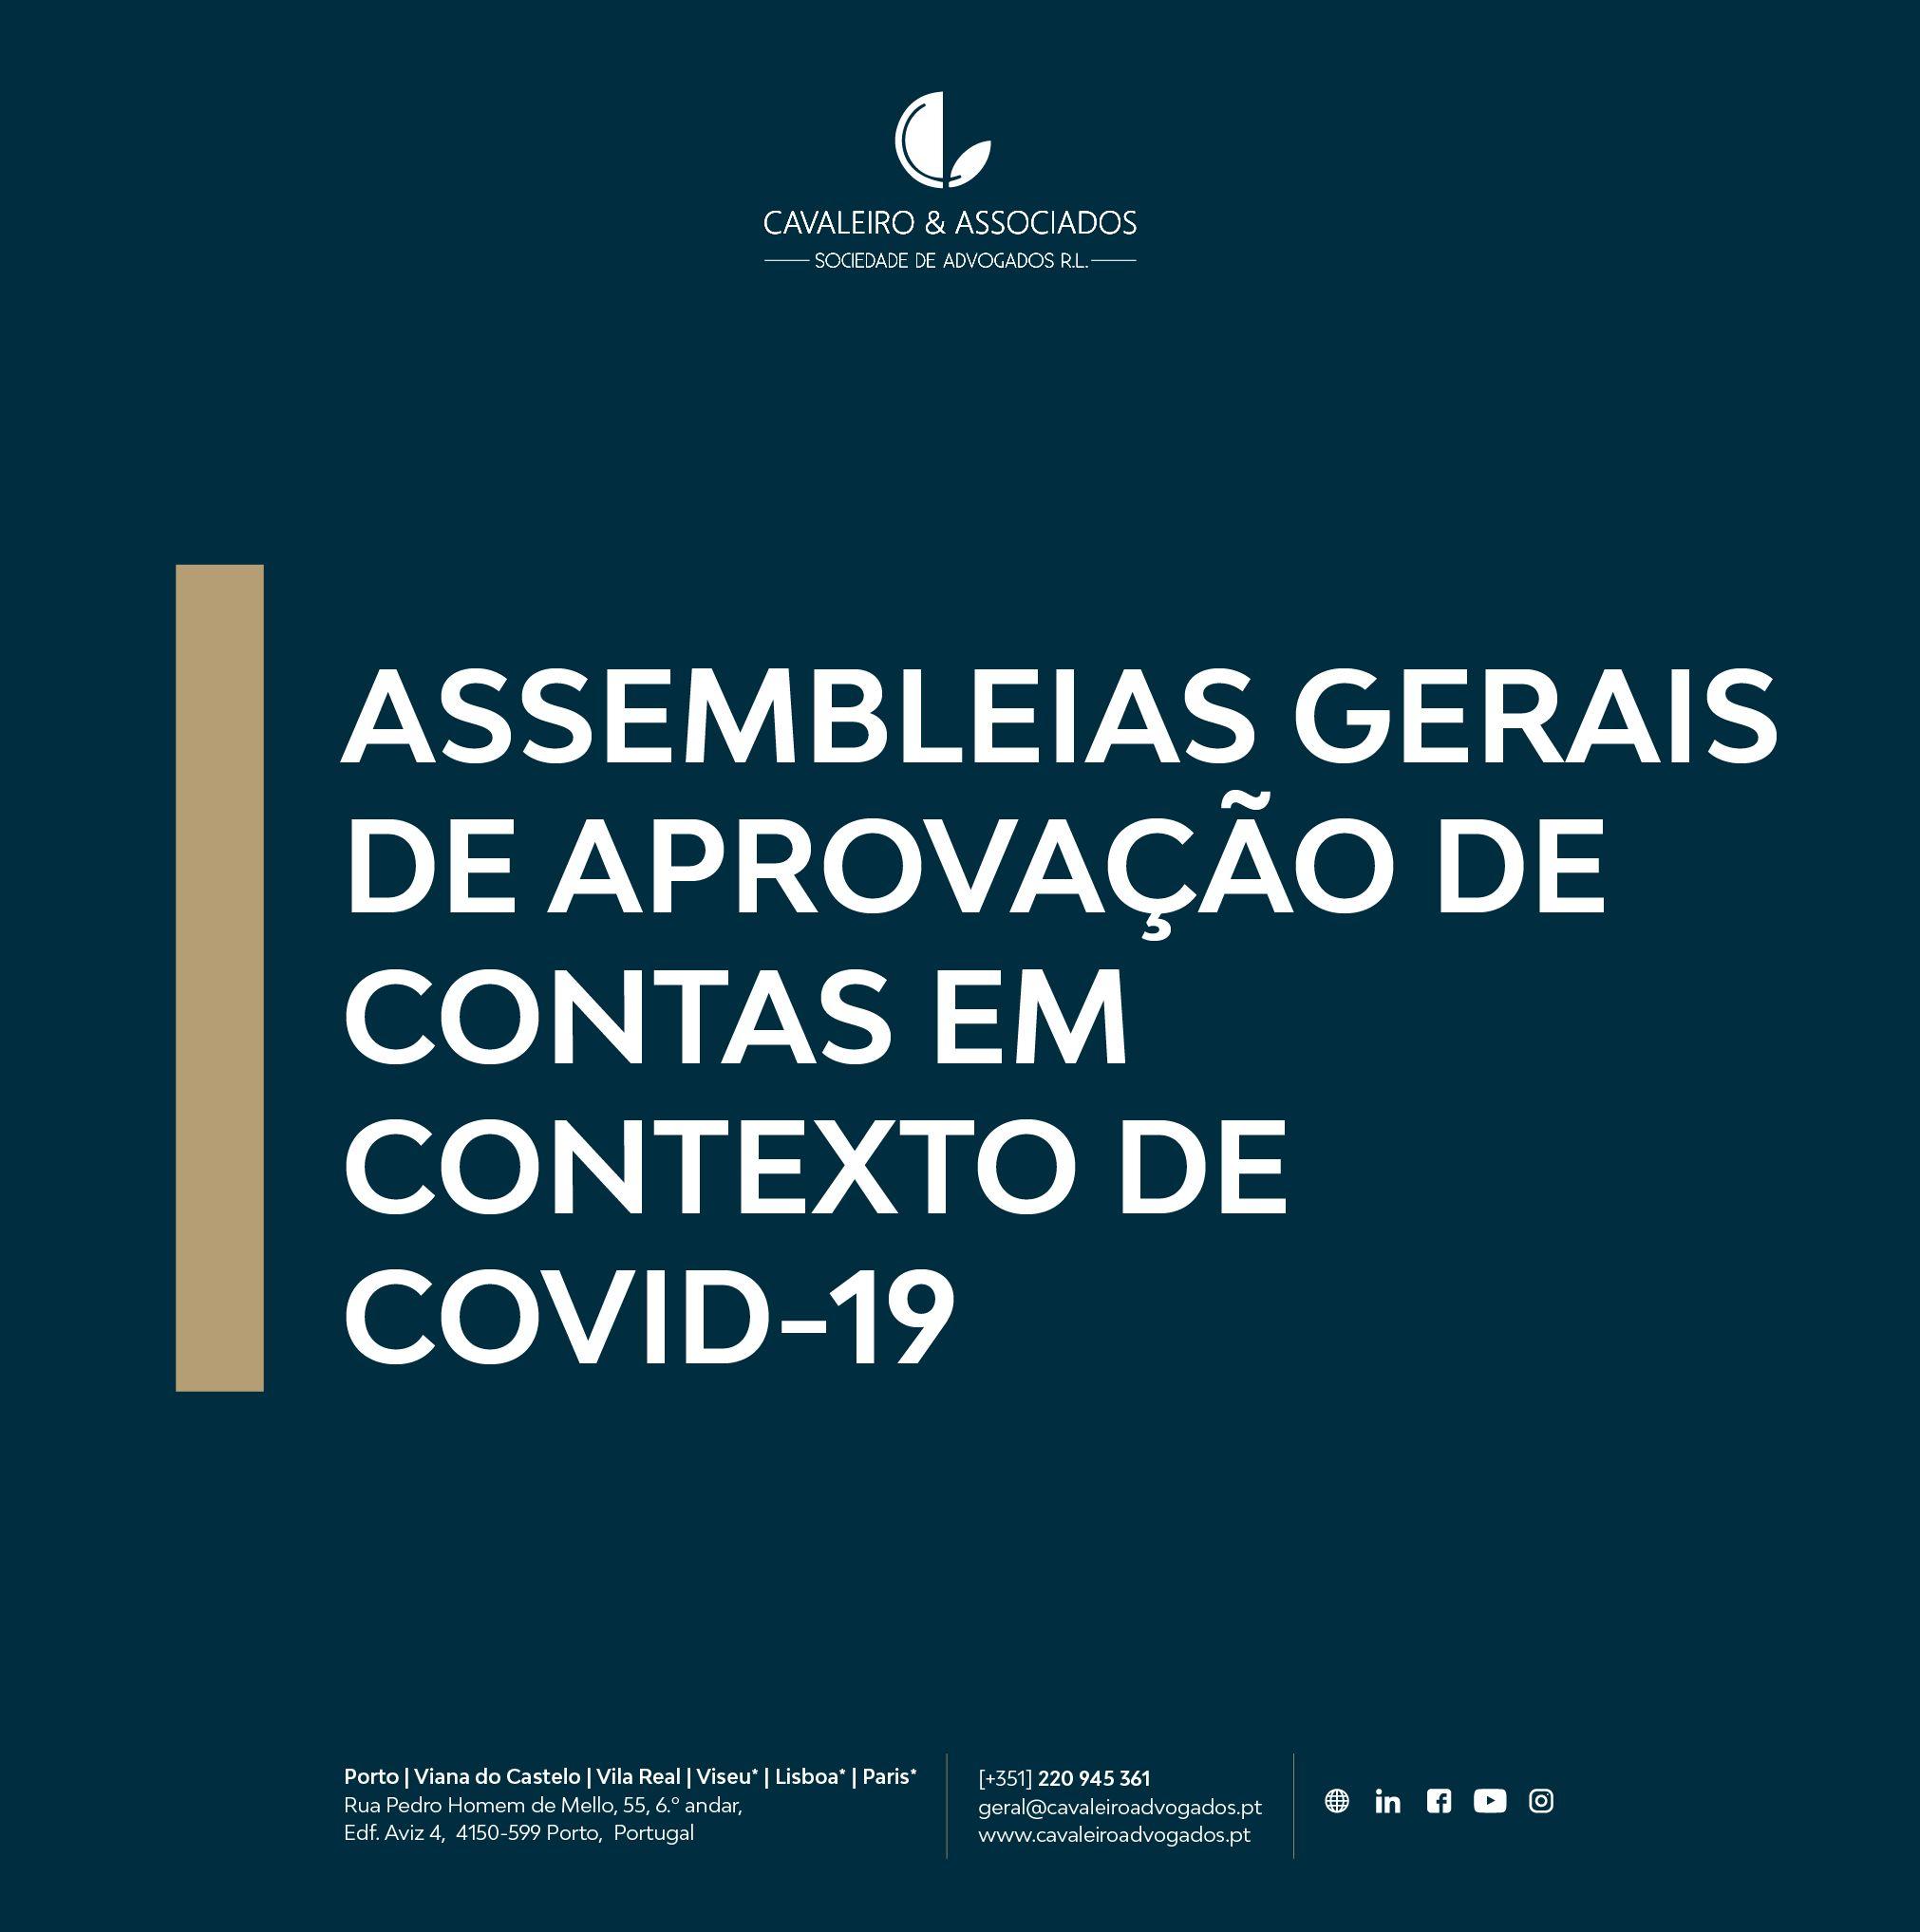 ASSEMBLEIAS GERAIS DE APROVAÇÃO DE CONTAS EM CONTEXTO DE COVID-19